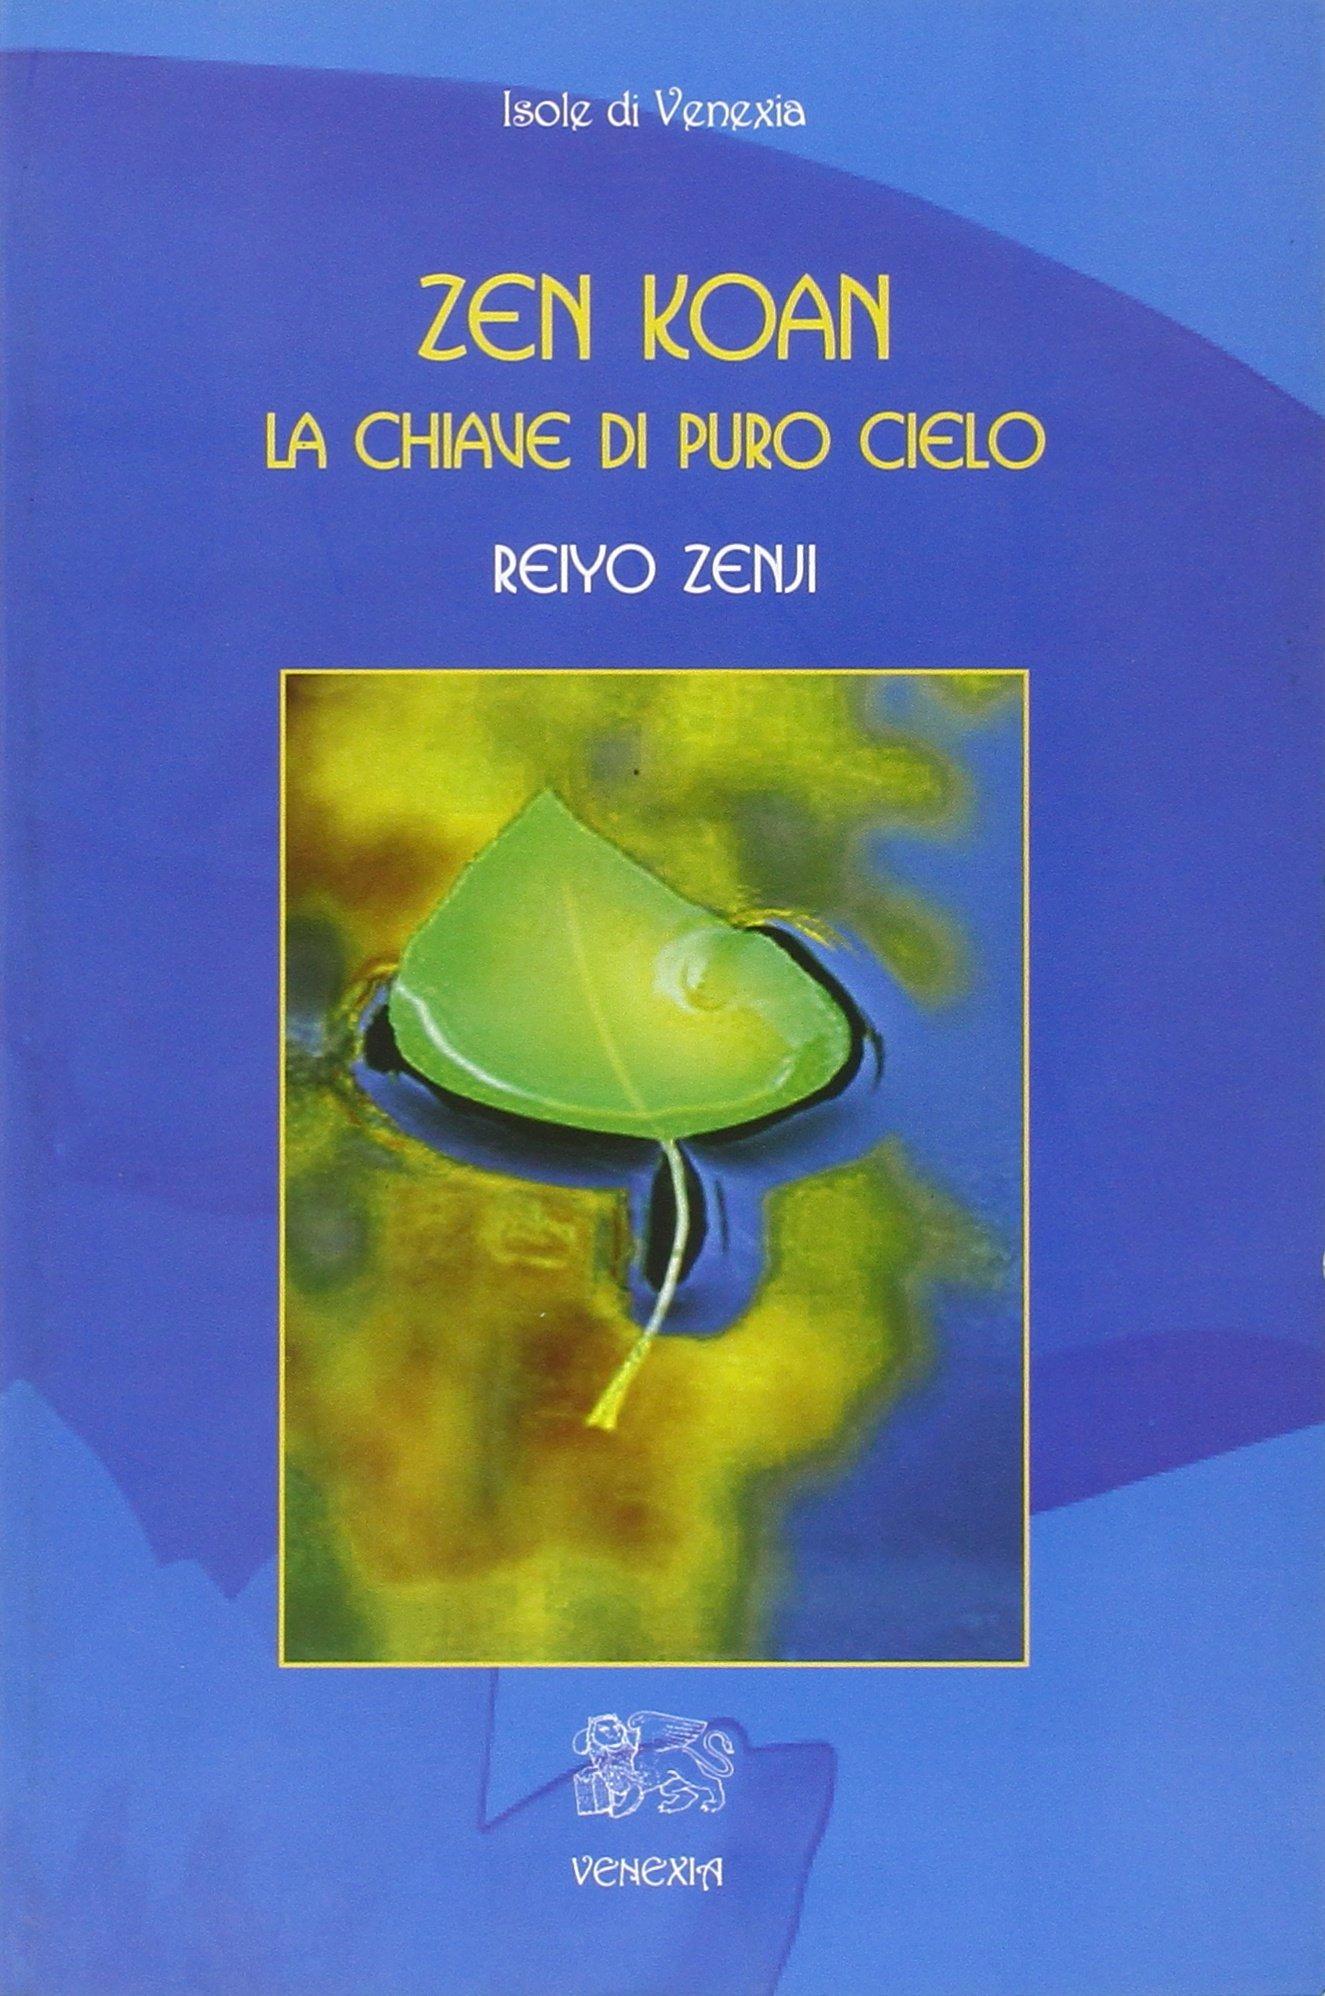 Zen Koan. La chiave di puro cielo Copertina flessibile – 1 gen 2008 Reiyo Zenji Venexia 8887944601 Buddismo Zen